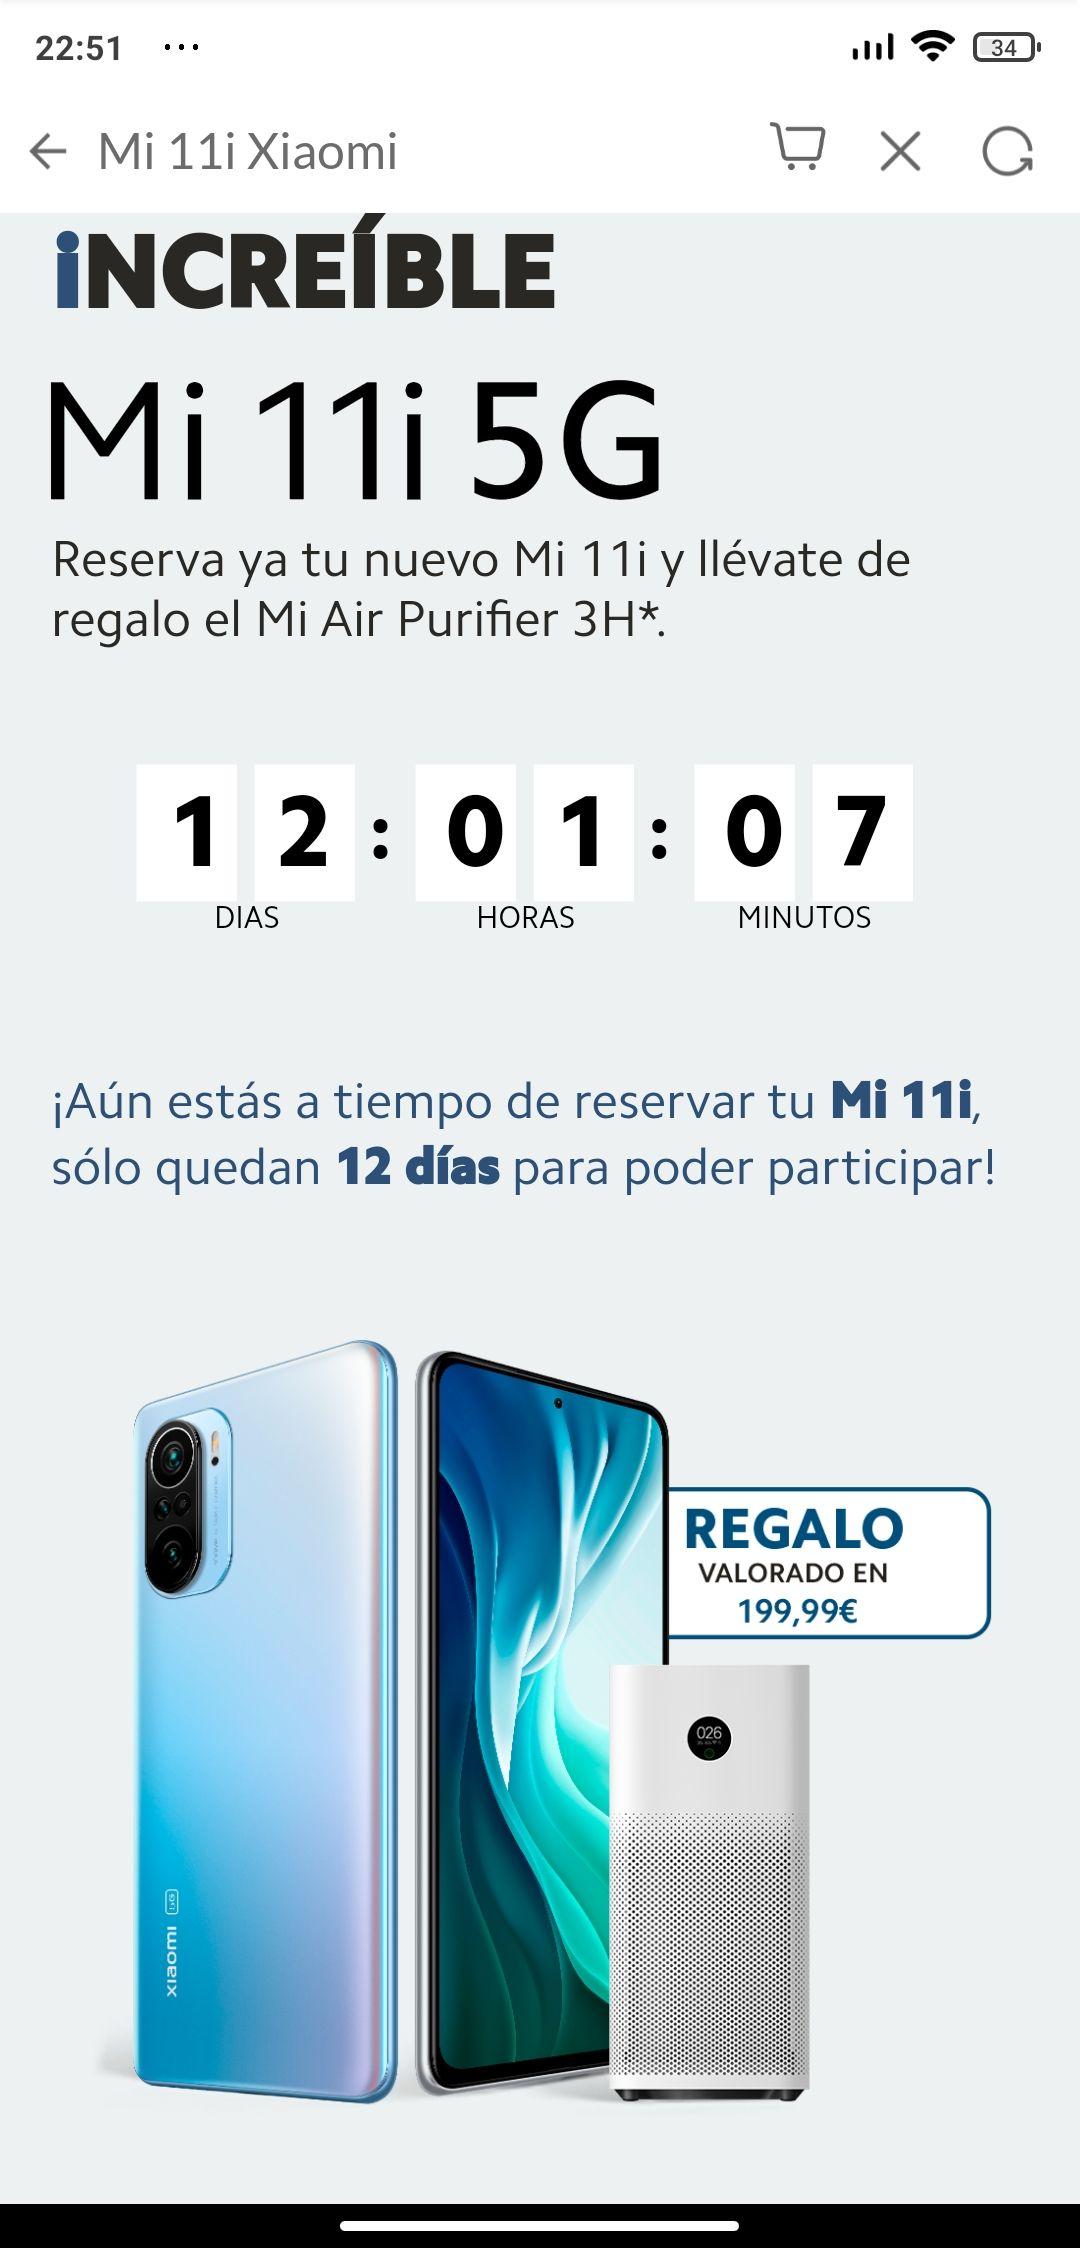 Reserva Xiaomi Mi11i 5g y Mi Air Purifier 3H de regalo